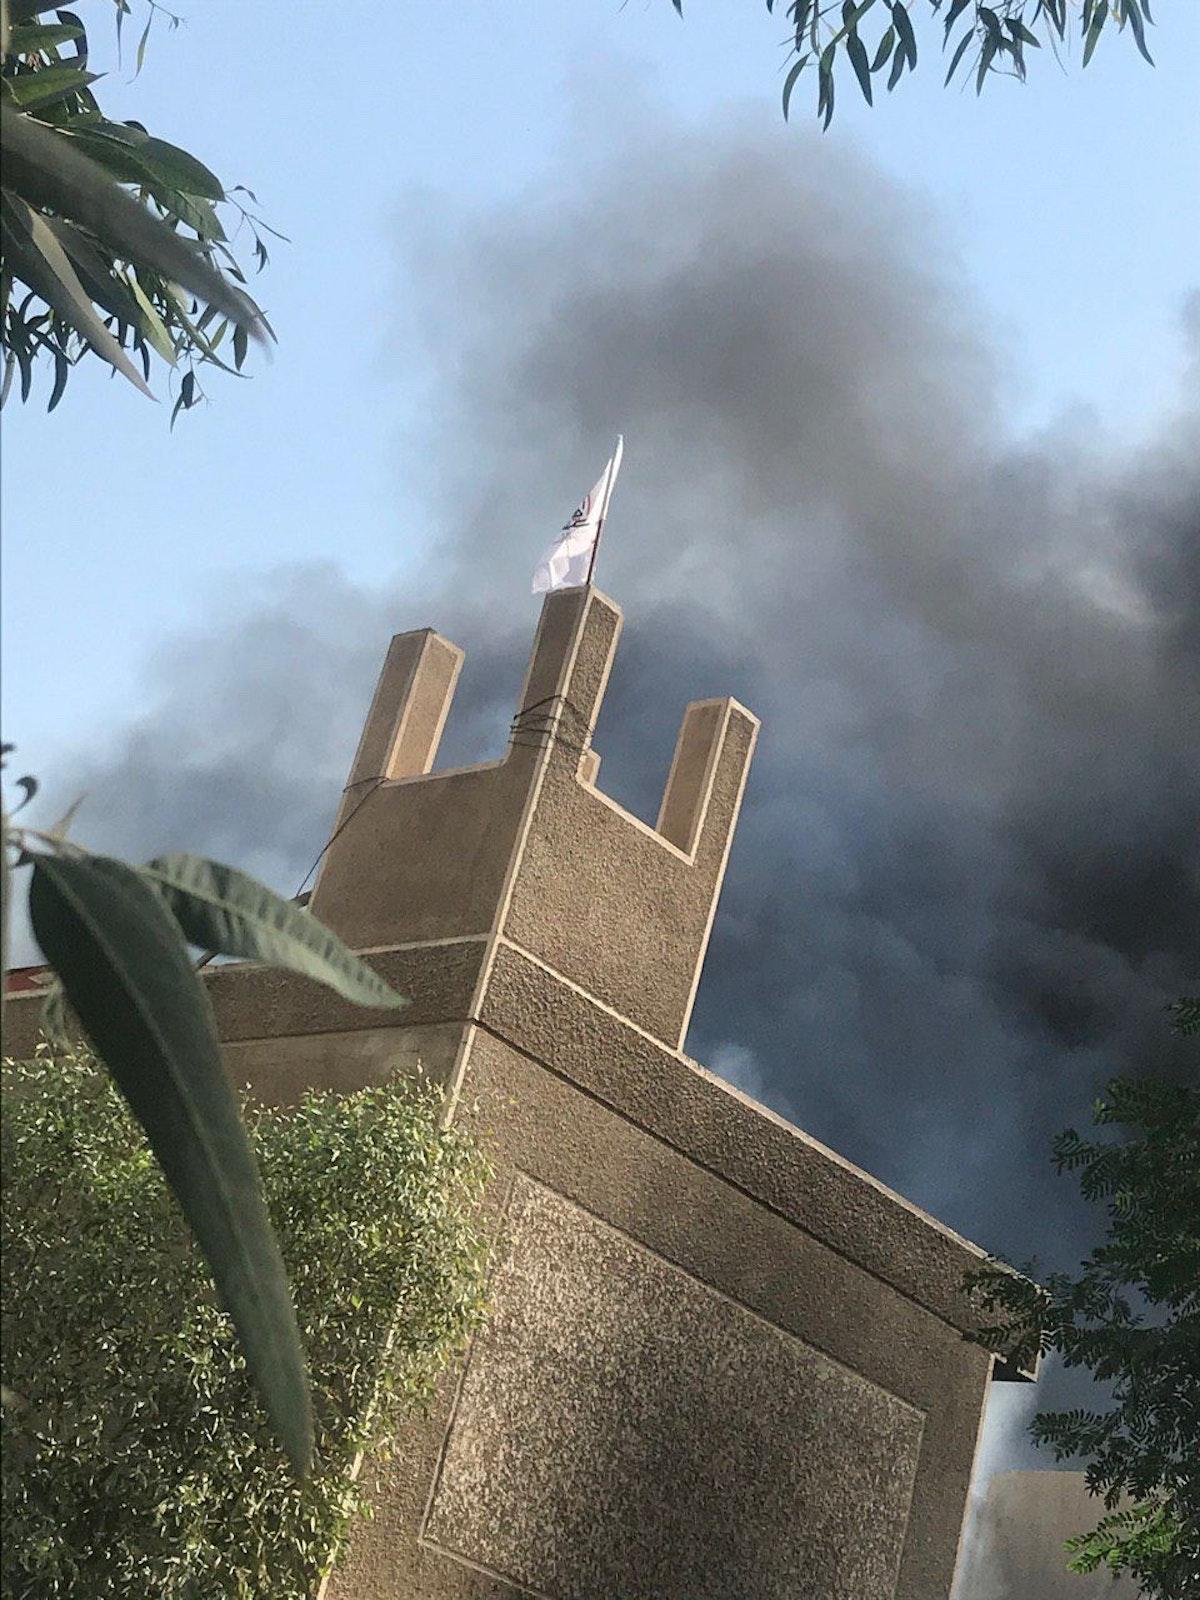 إضرام النار بمقر الحزب الديمقراطي الكردستاني ورفع علم